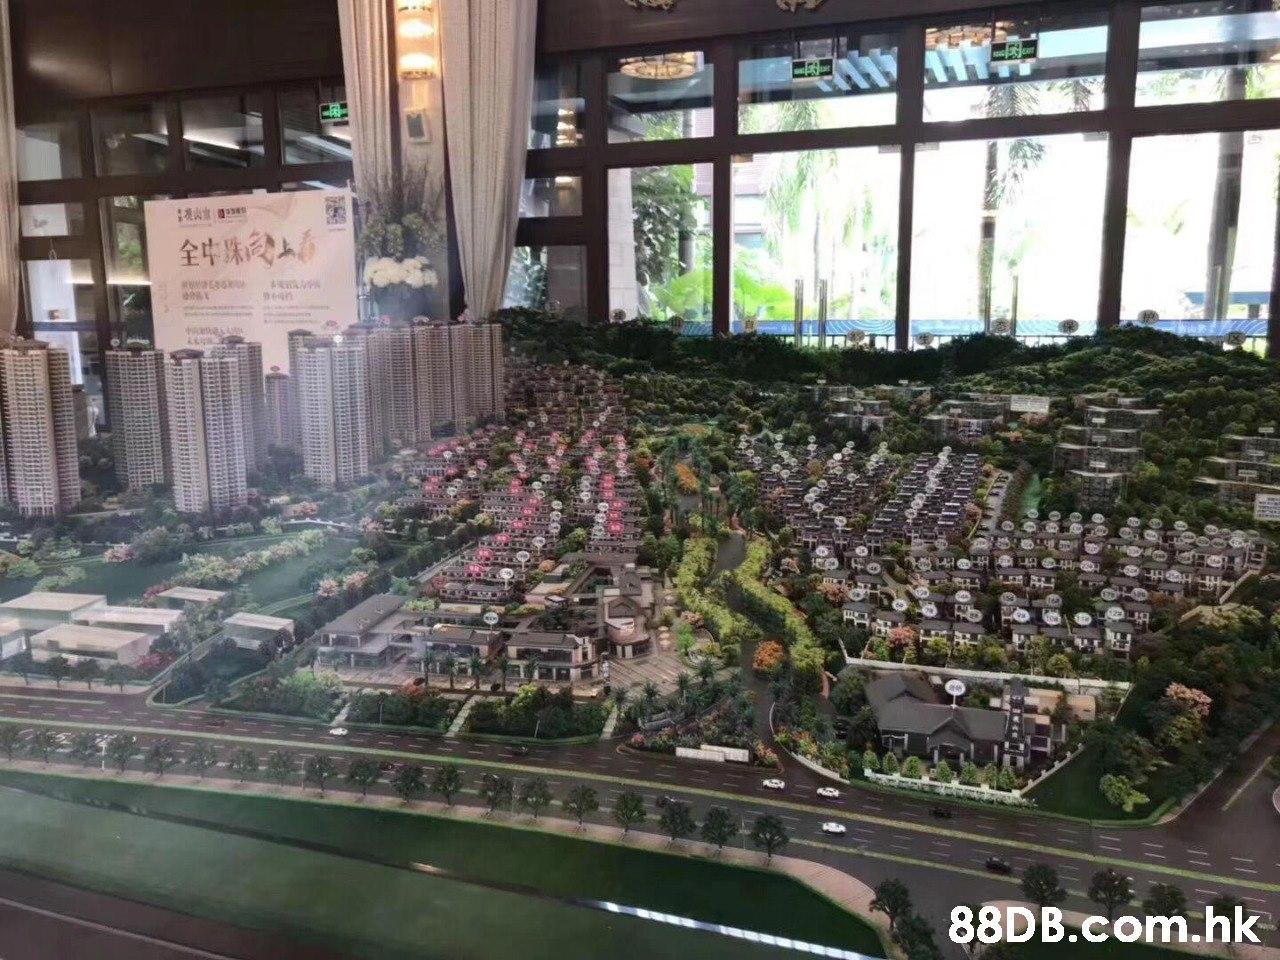 全中珠上 .hk,Urban design,Metropolitan area,Building,Architecture,